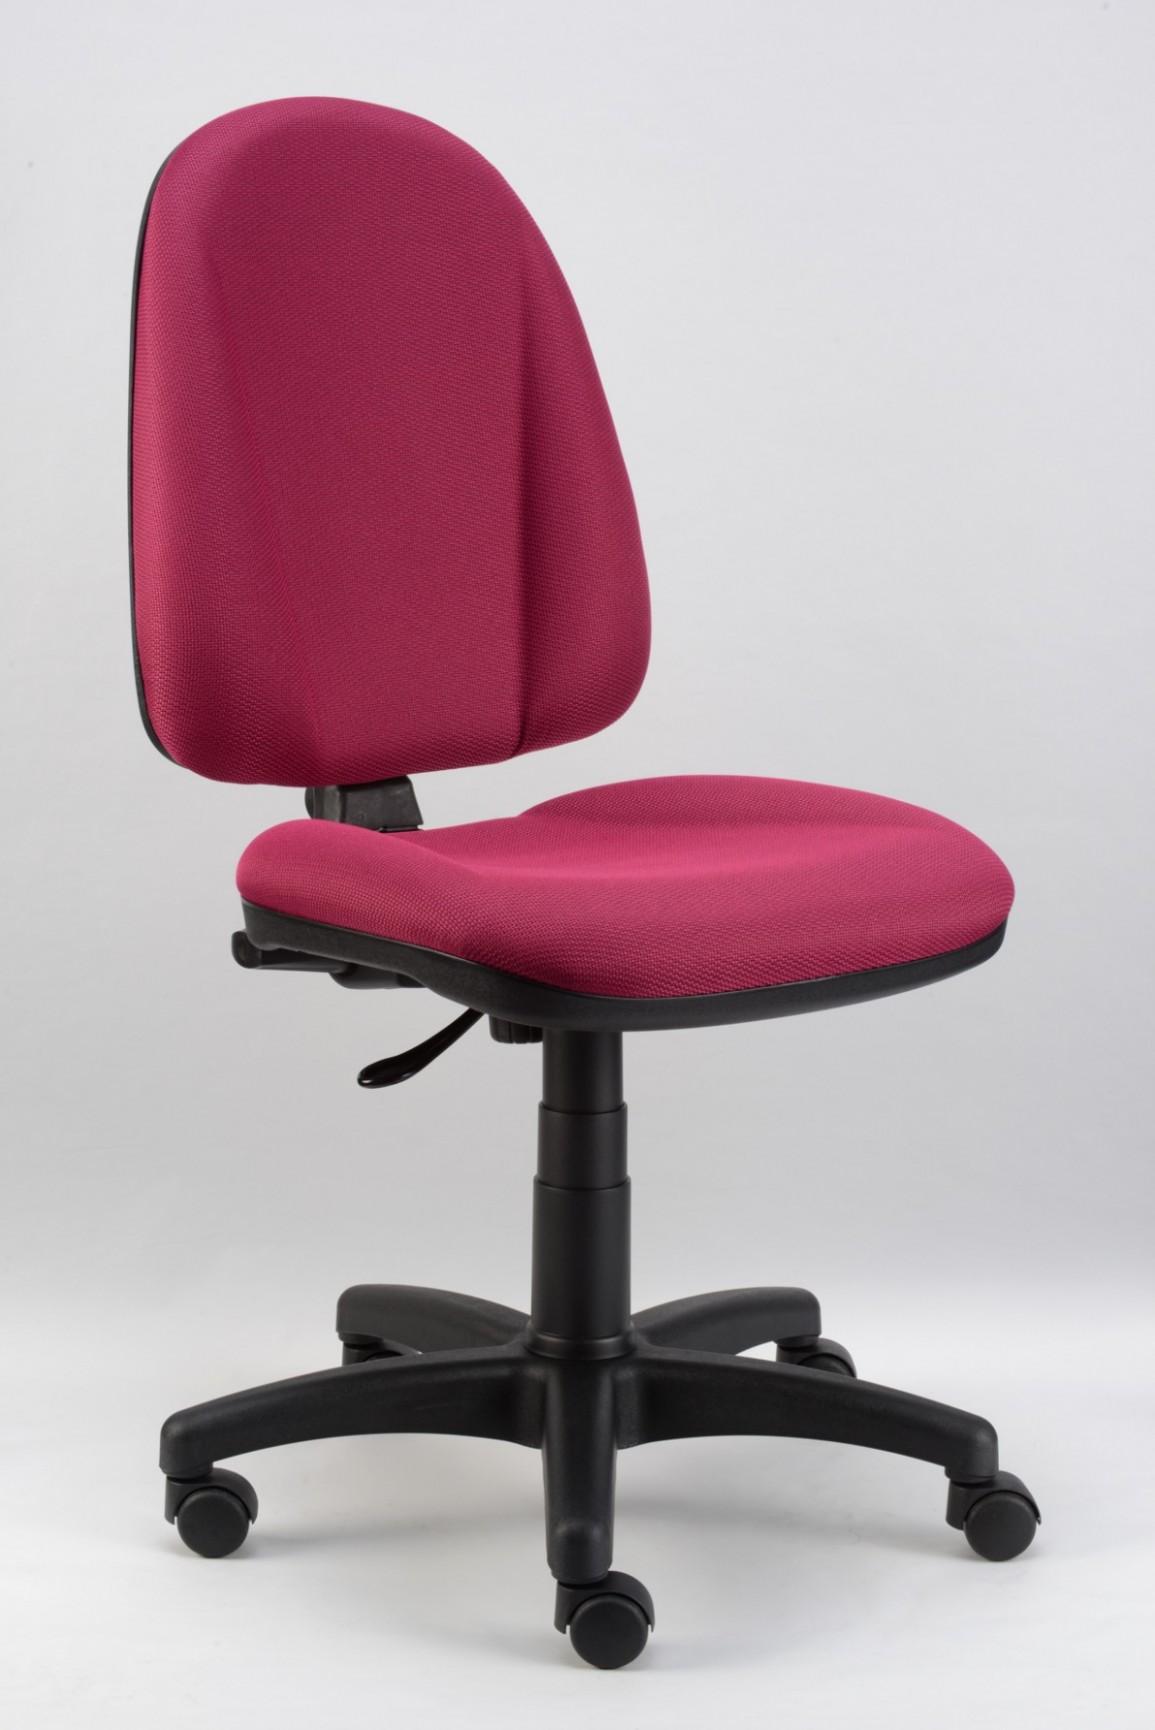 60 Nejlepší z Kancelářská Židle Sconto - mujDum.co